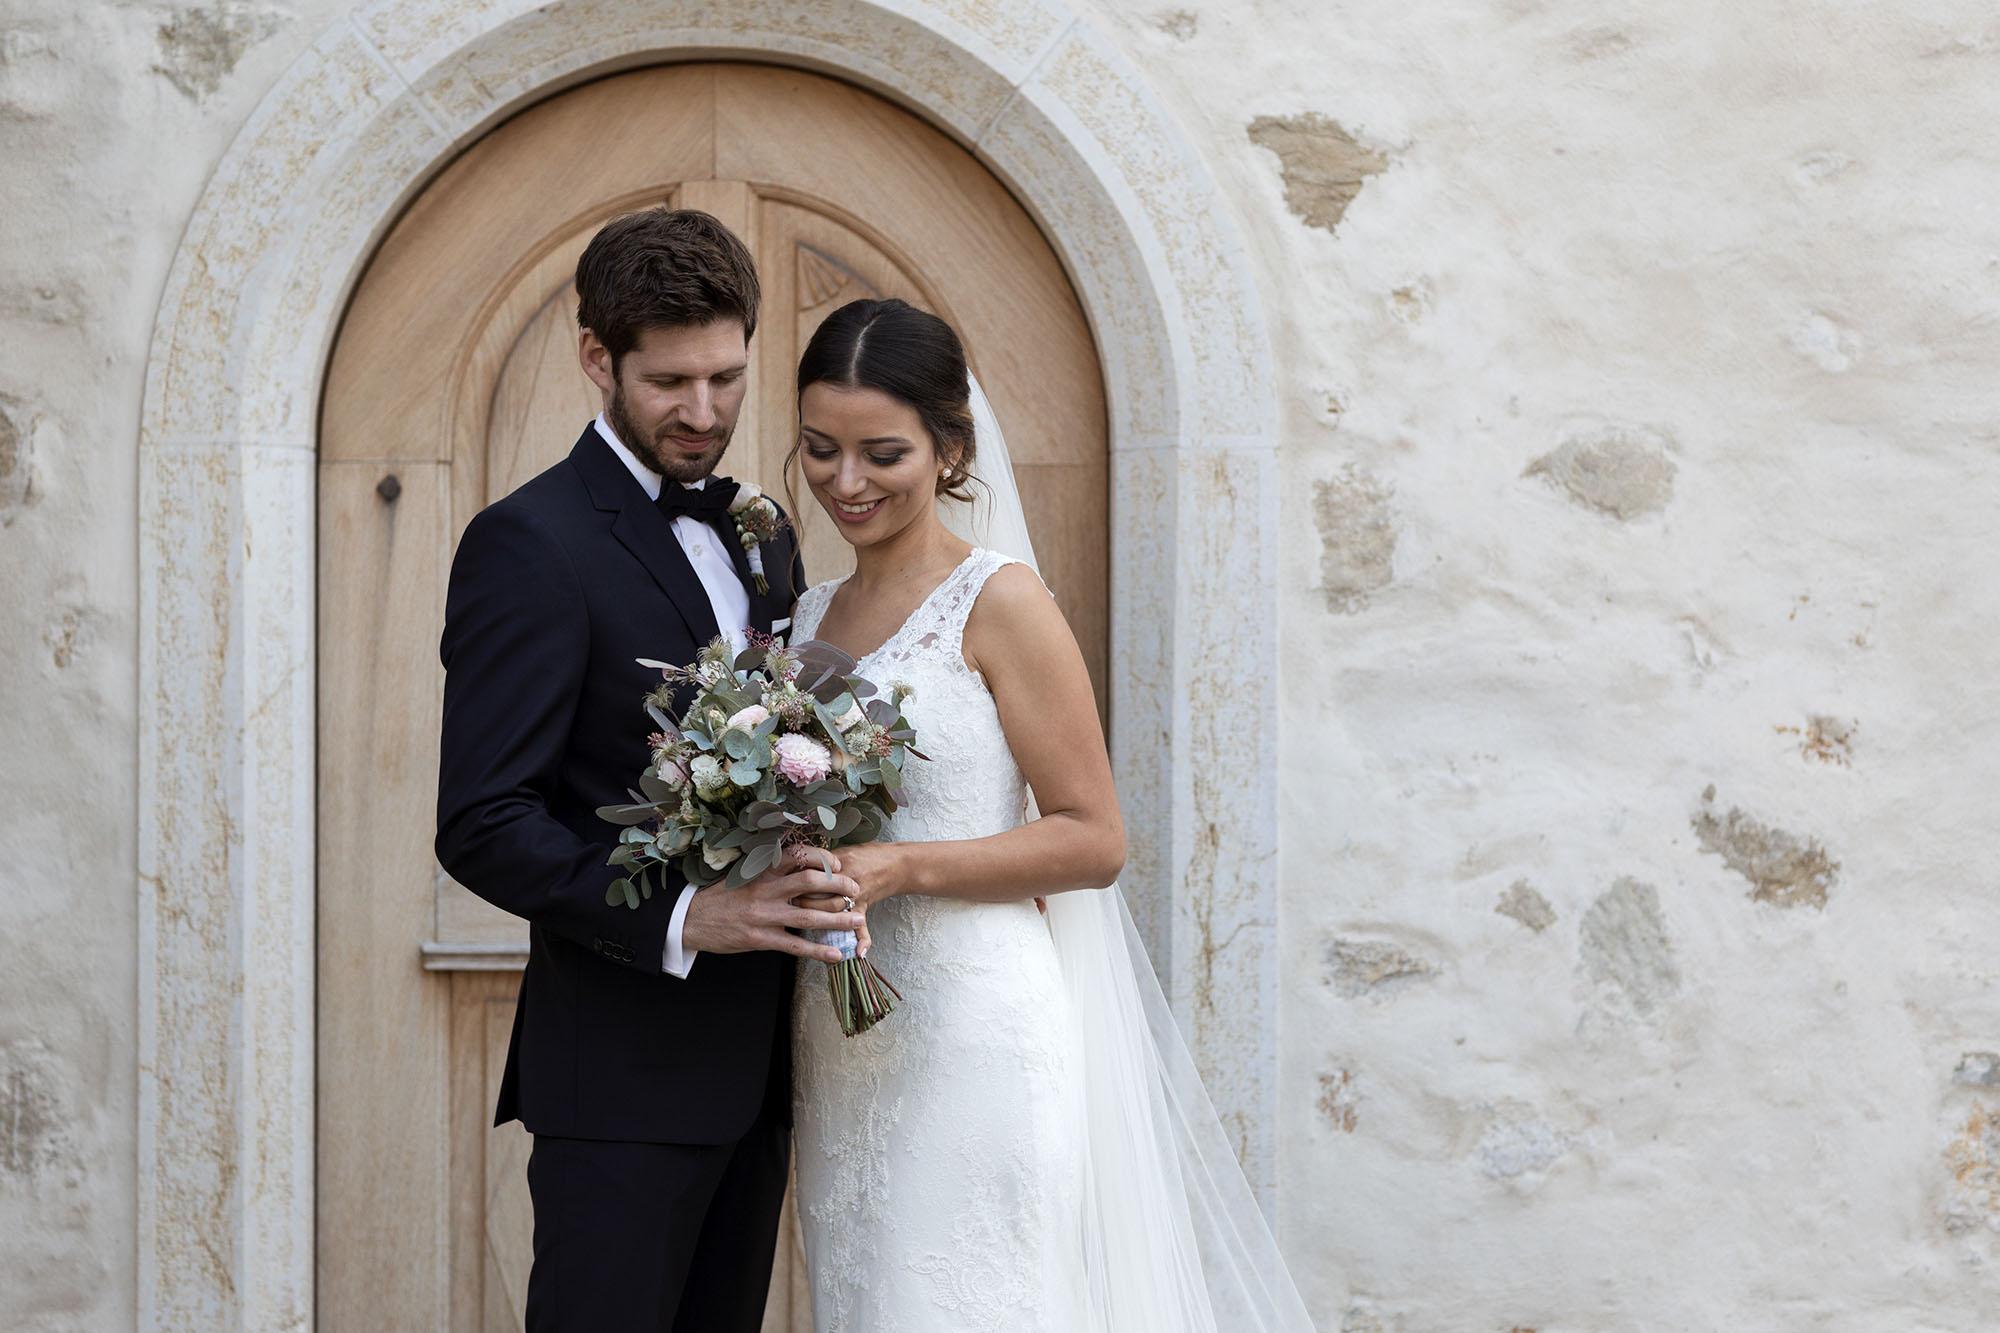 Hochzeit Therwil Basel Hochzeitsfotograf Nicole Kym Basel Baselland Brautpaar Fotoshooting